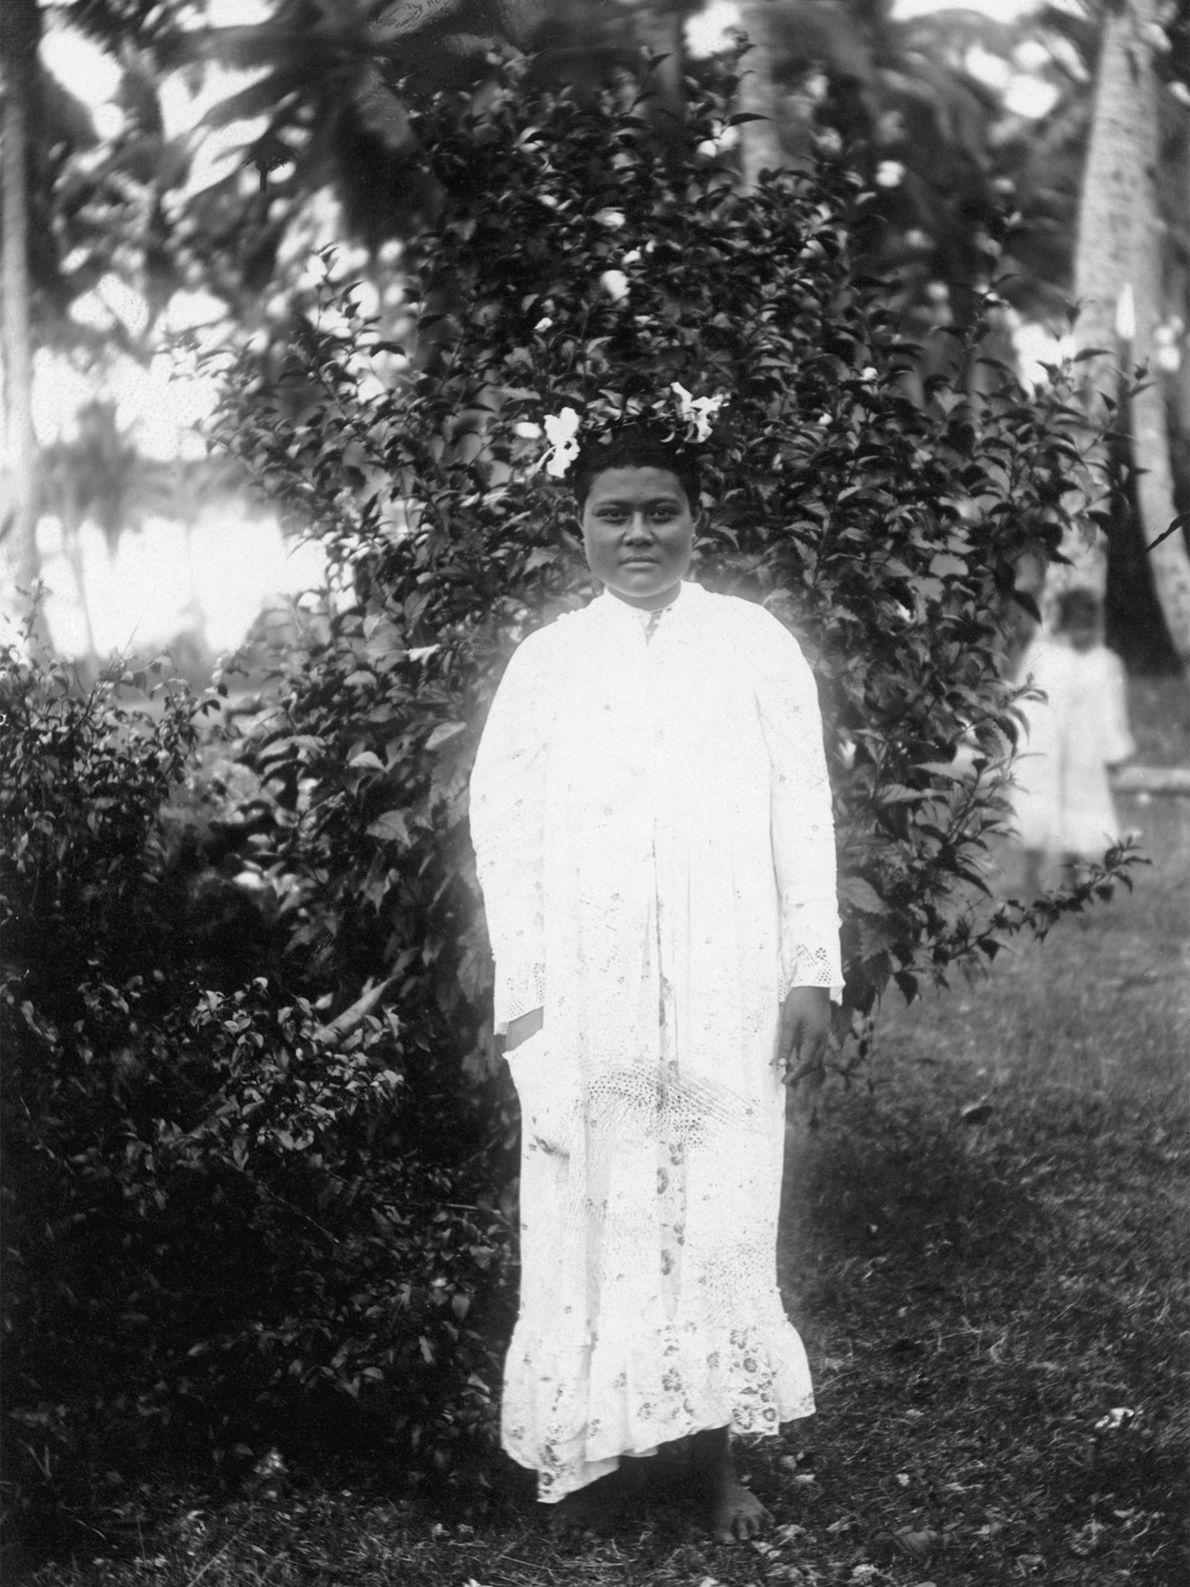 Este retrato informal da princesa de Tonga foi tirado na Ilha de Niue no início do ...